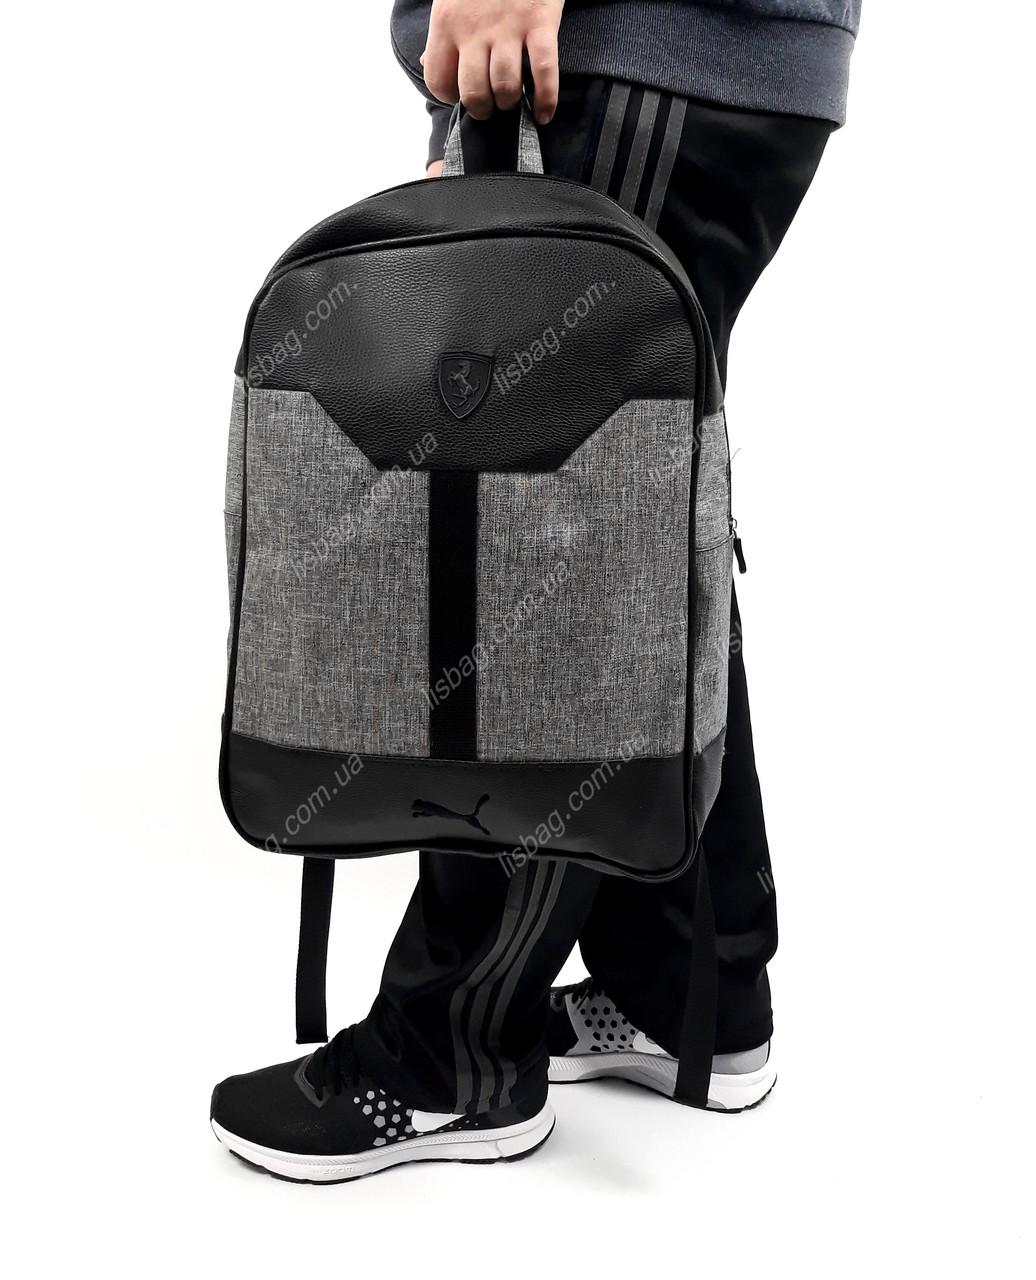 fda4a2b413d4 Рюкзак PUMA-Ferrari с кожаным дном спортивный городской стильный на каждый  день Серо Черный